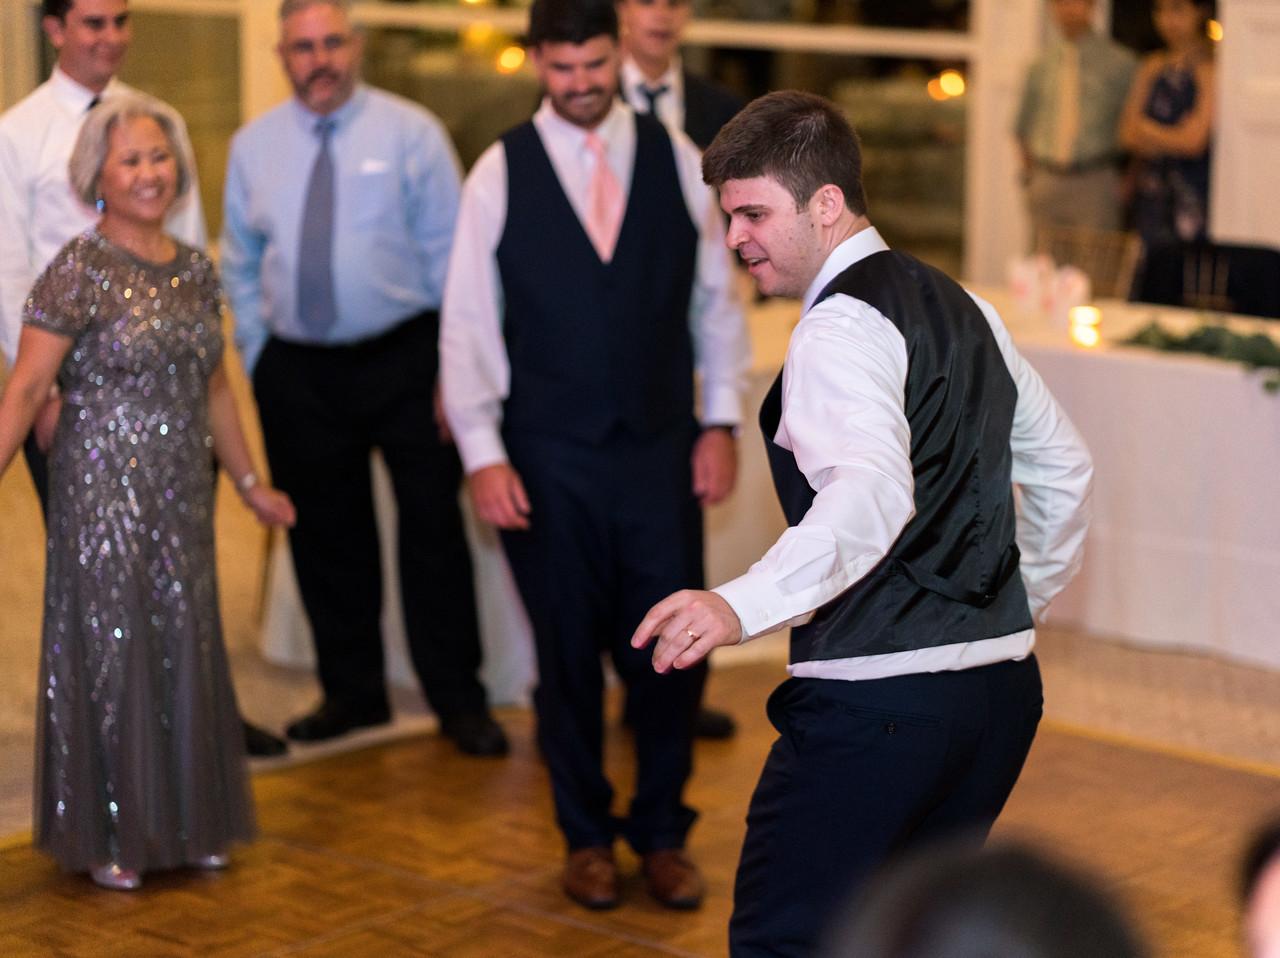 Bro dance off